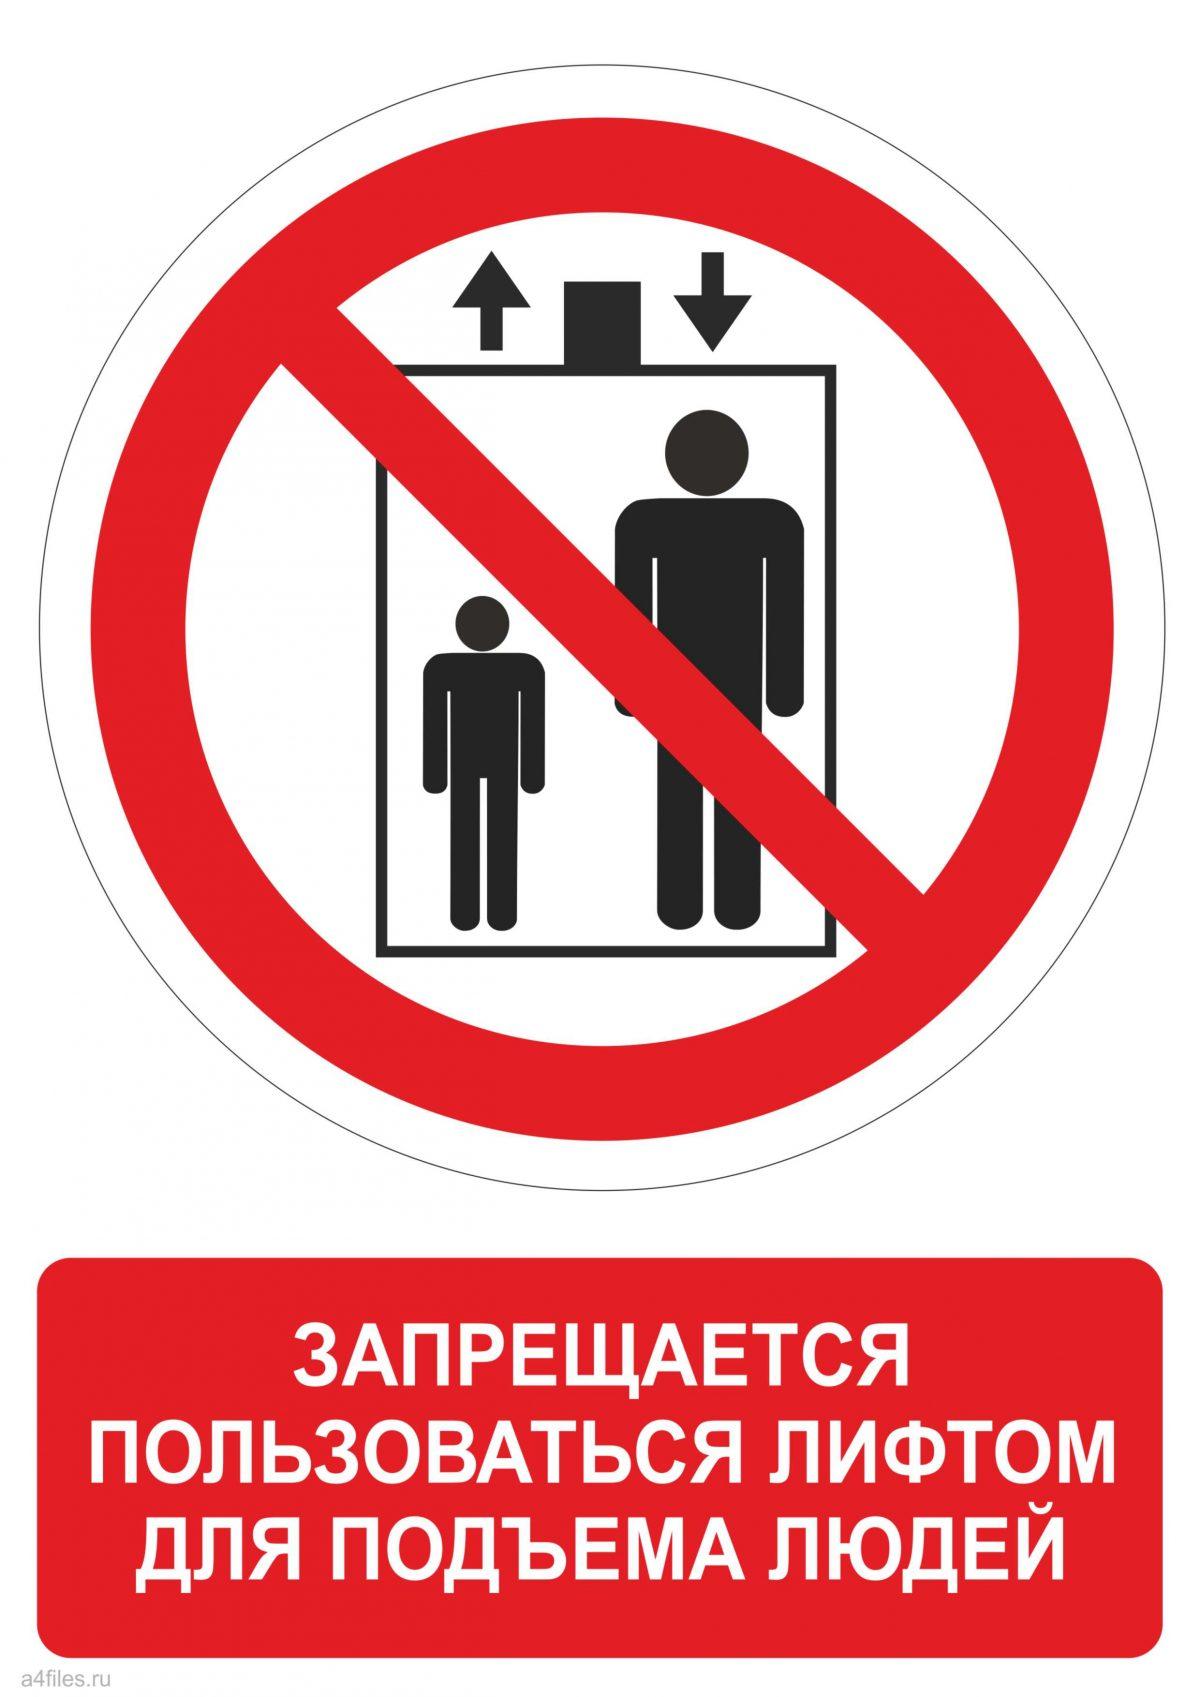 Знак запрещающий пользоваться лифтом для подъема людей